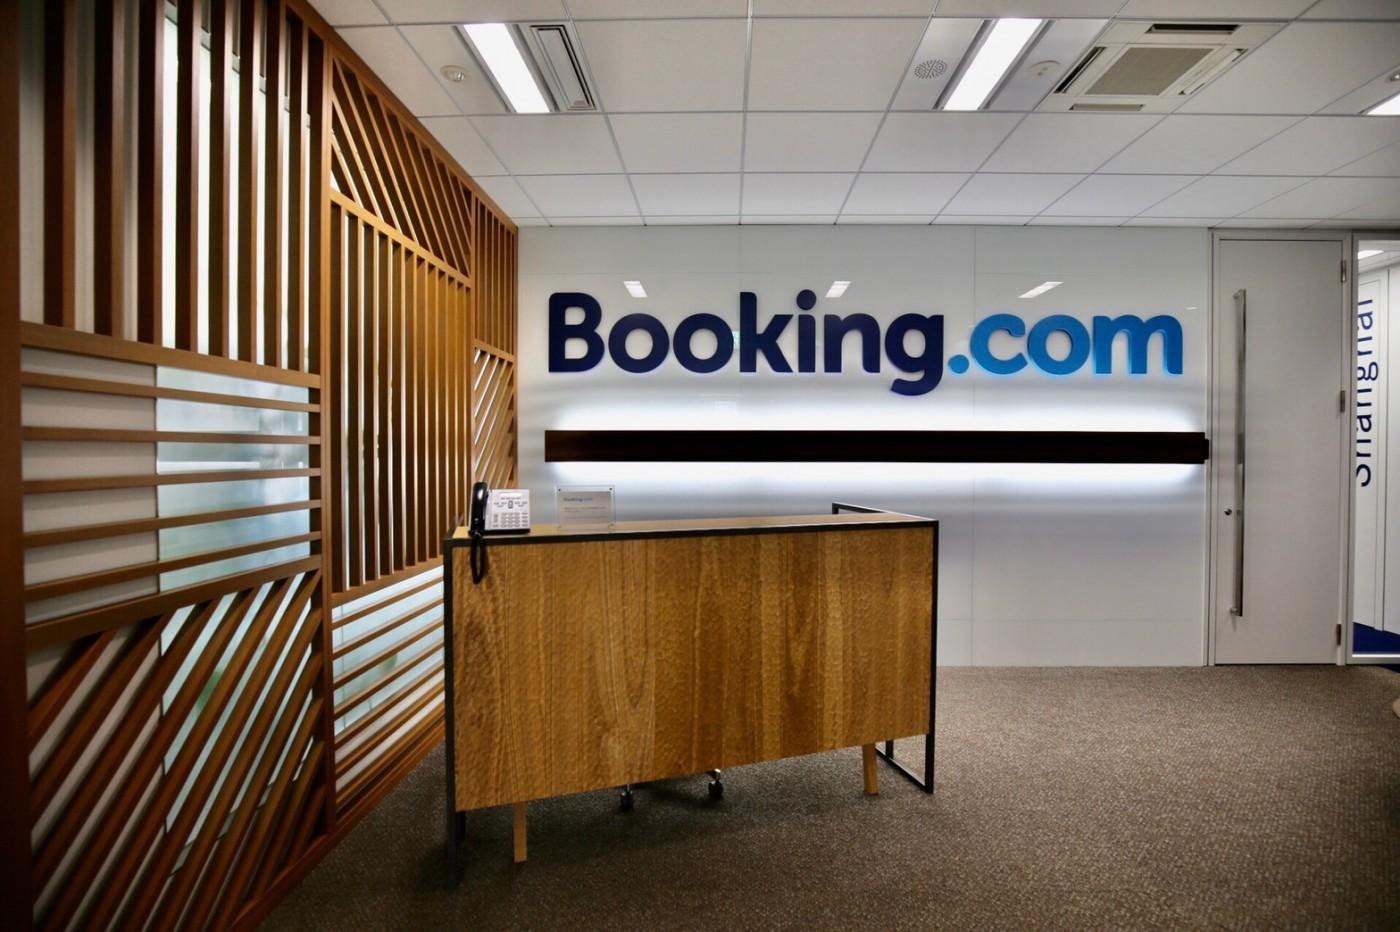 【東京直擊】Booking.com表參道辦公室開箱,區域總監:旅遊還是在奧運之後吧!